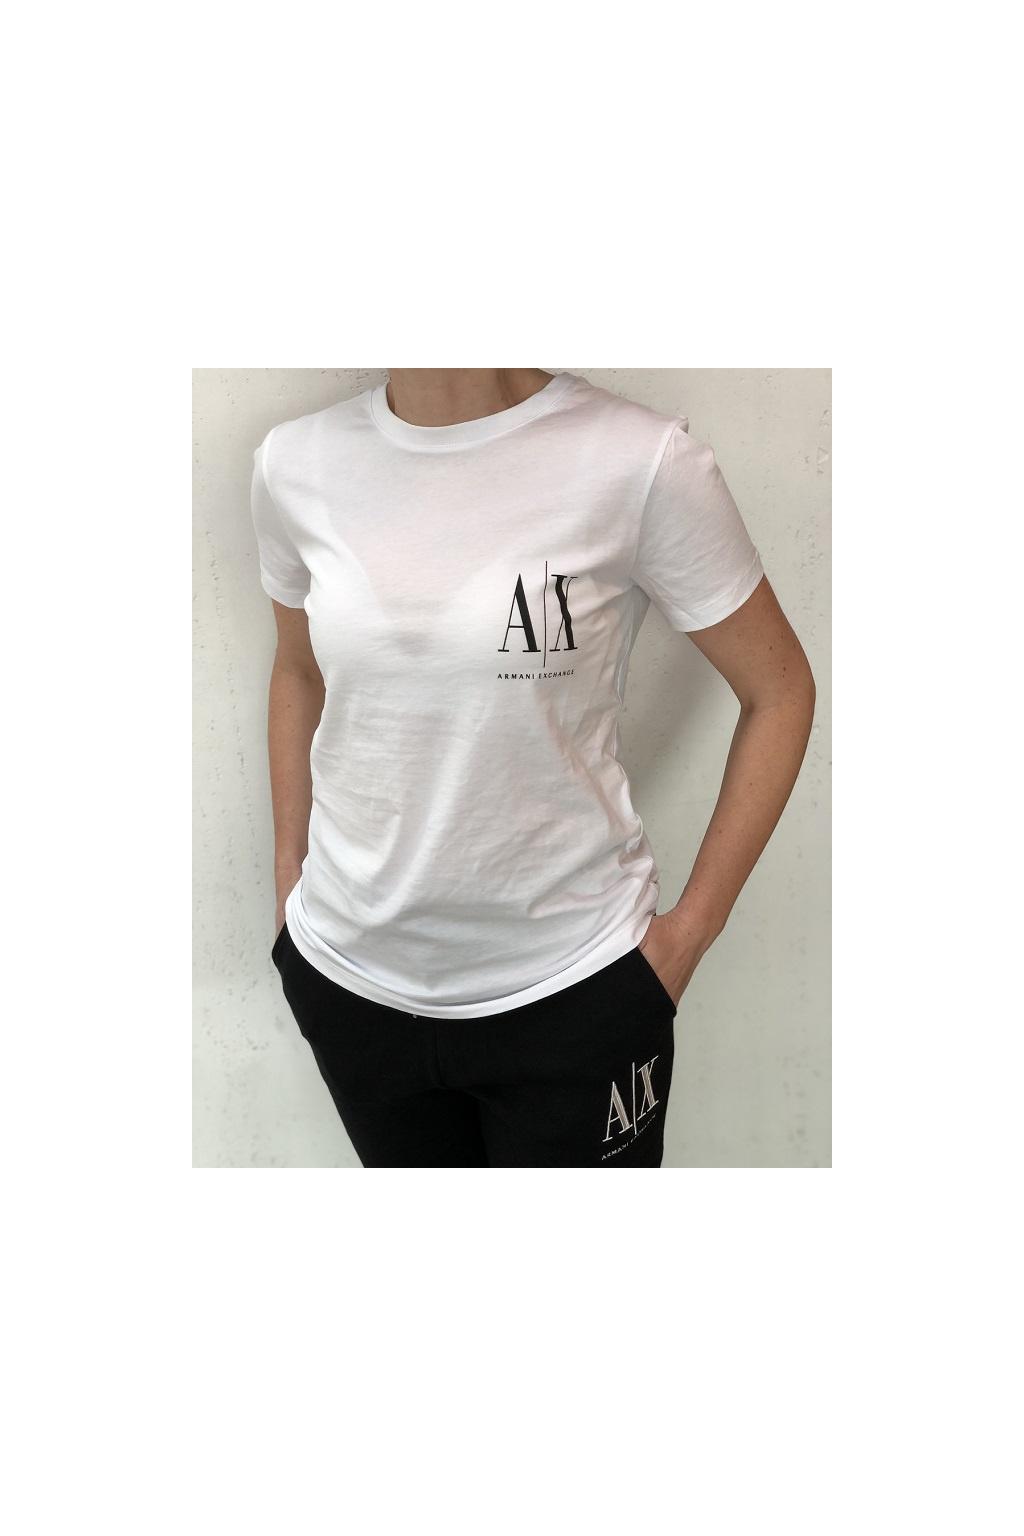 8NYTFX YJG3Z 5100 Dámské tričko Armani Exchange bílé